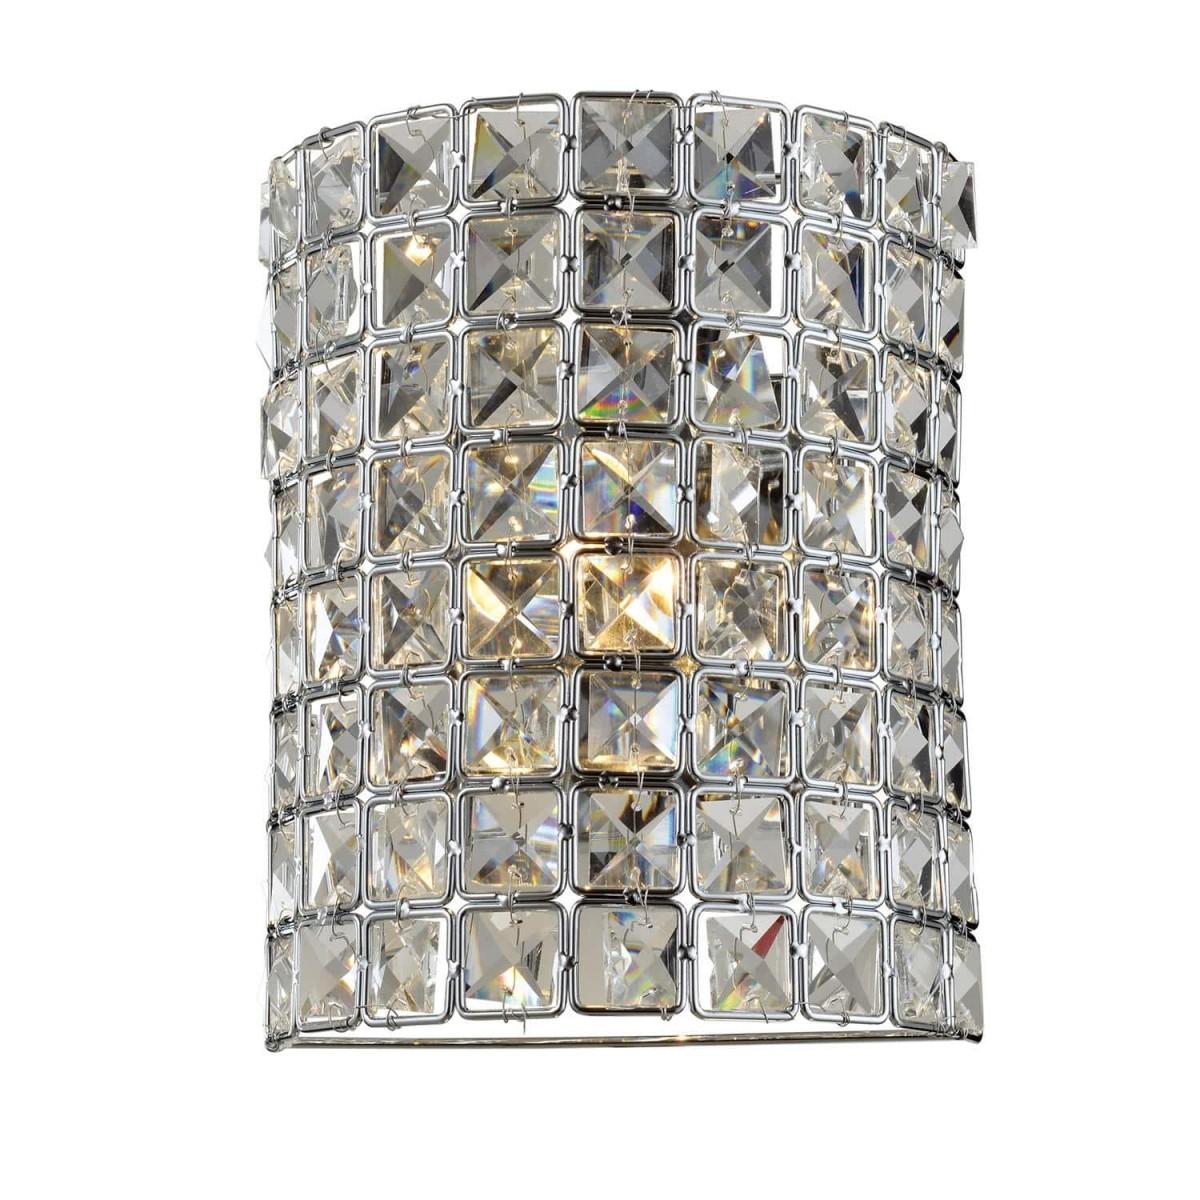 Arandela Parede de Cristal 18cm x 22cm Luxor I Transparente BL